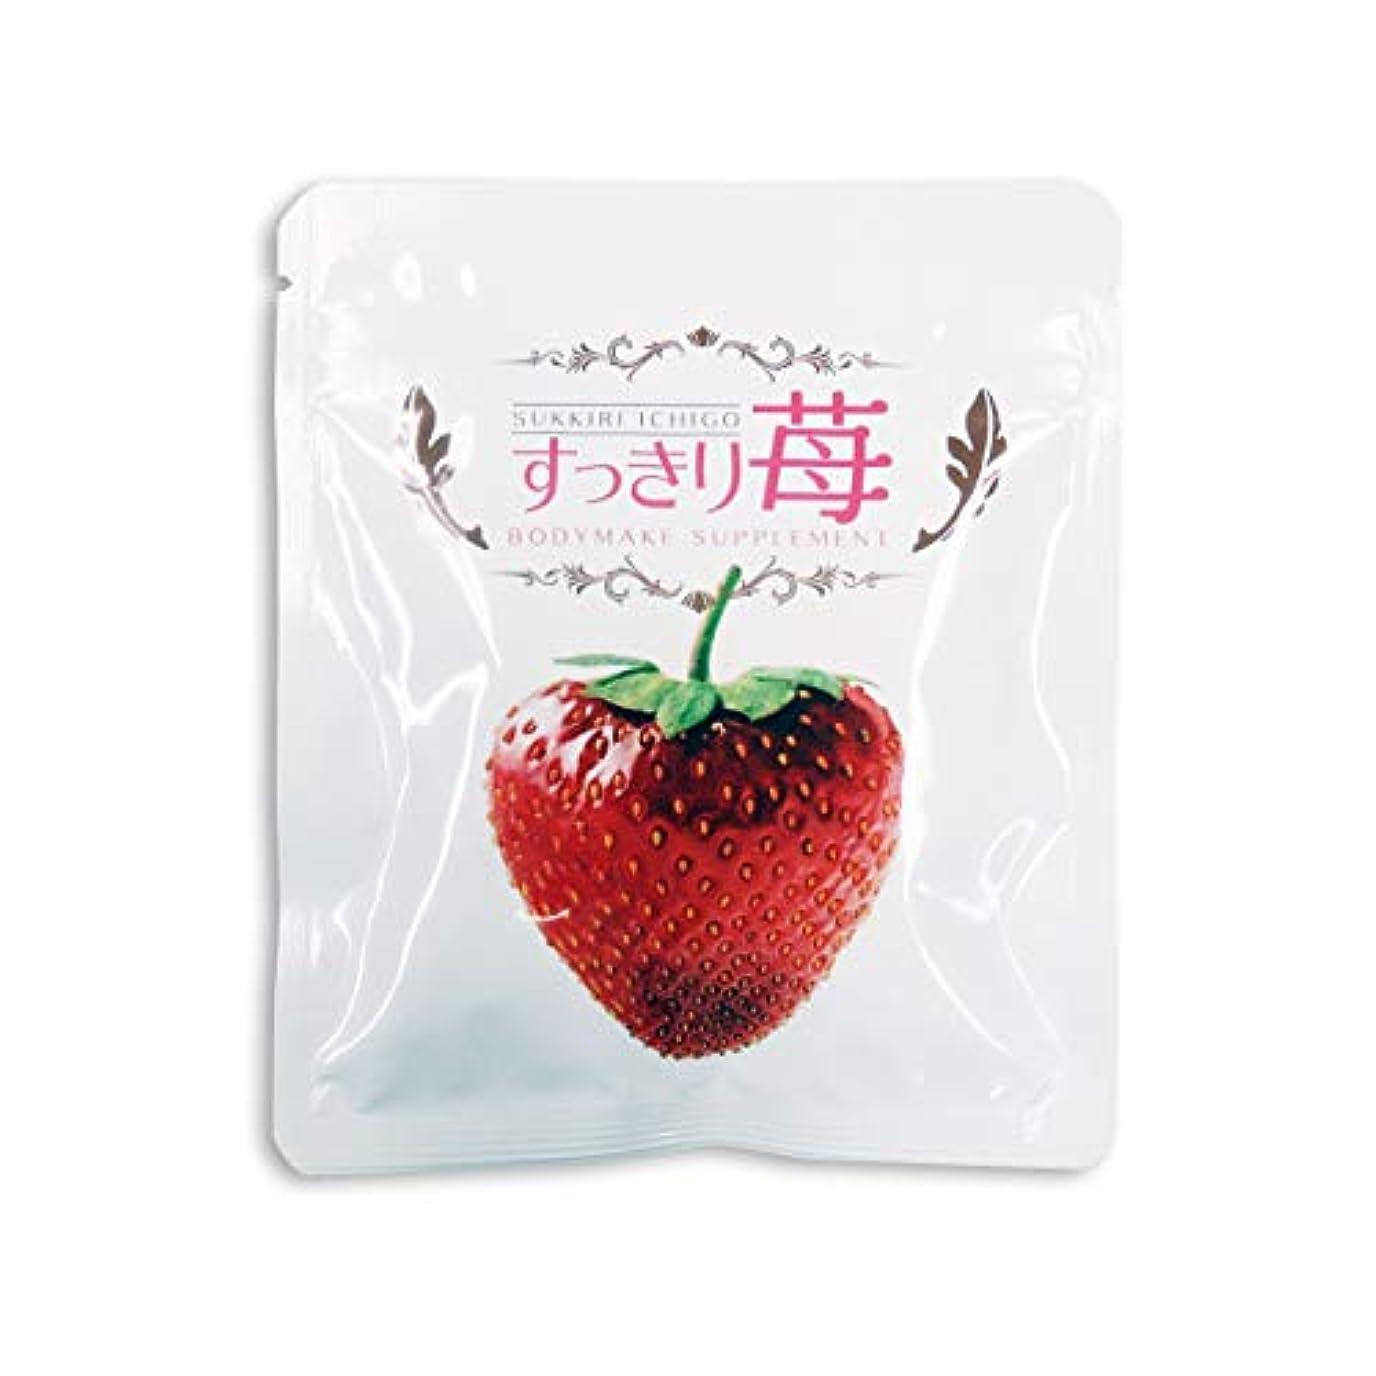 微妙多様な今晩すっきり苺 ダイエタリーサプリメント